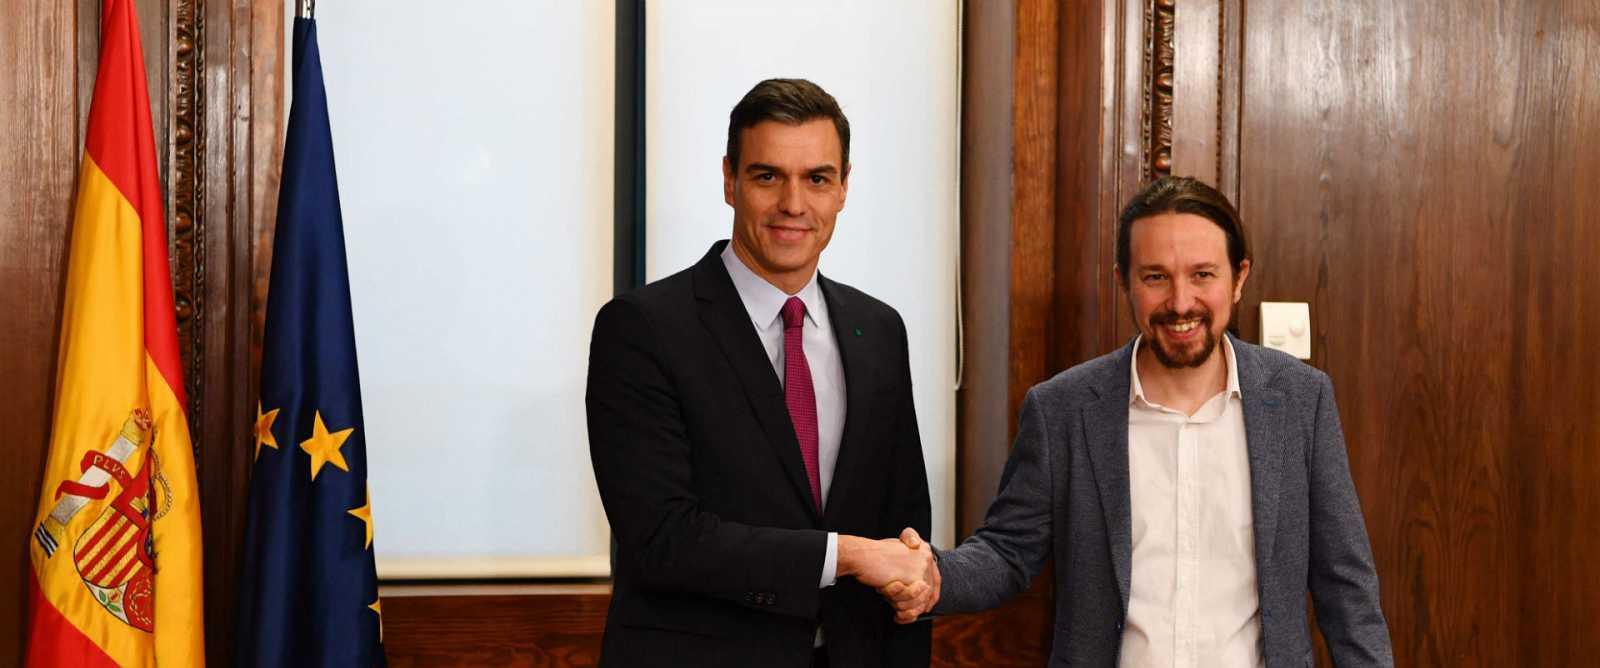 El acuerdo de Gobierno PSOE-UP es muy perjudicial en un contexto de desaceleración económica